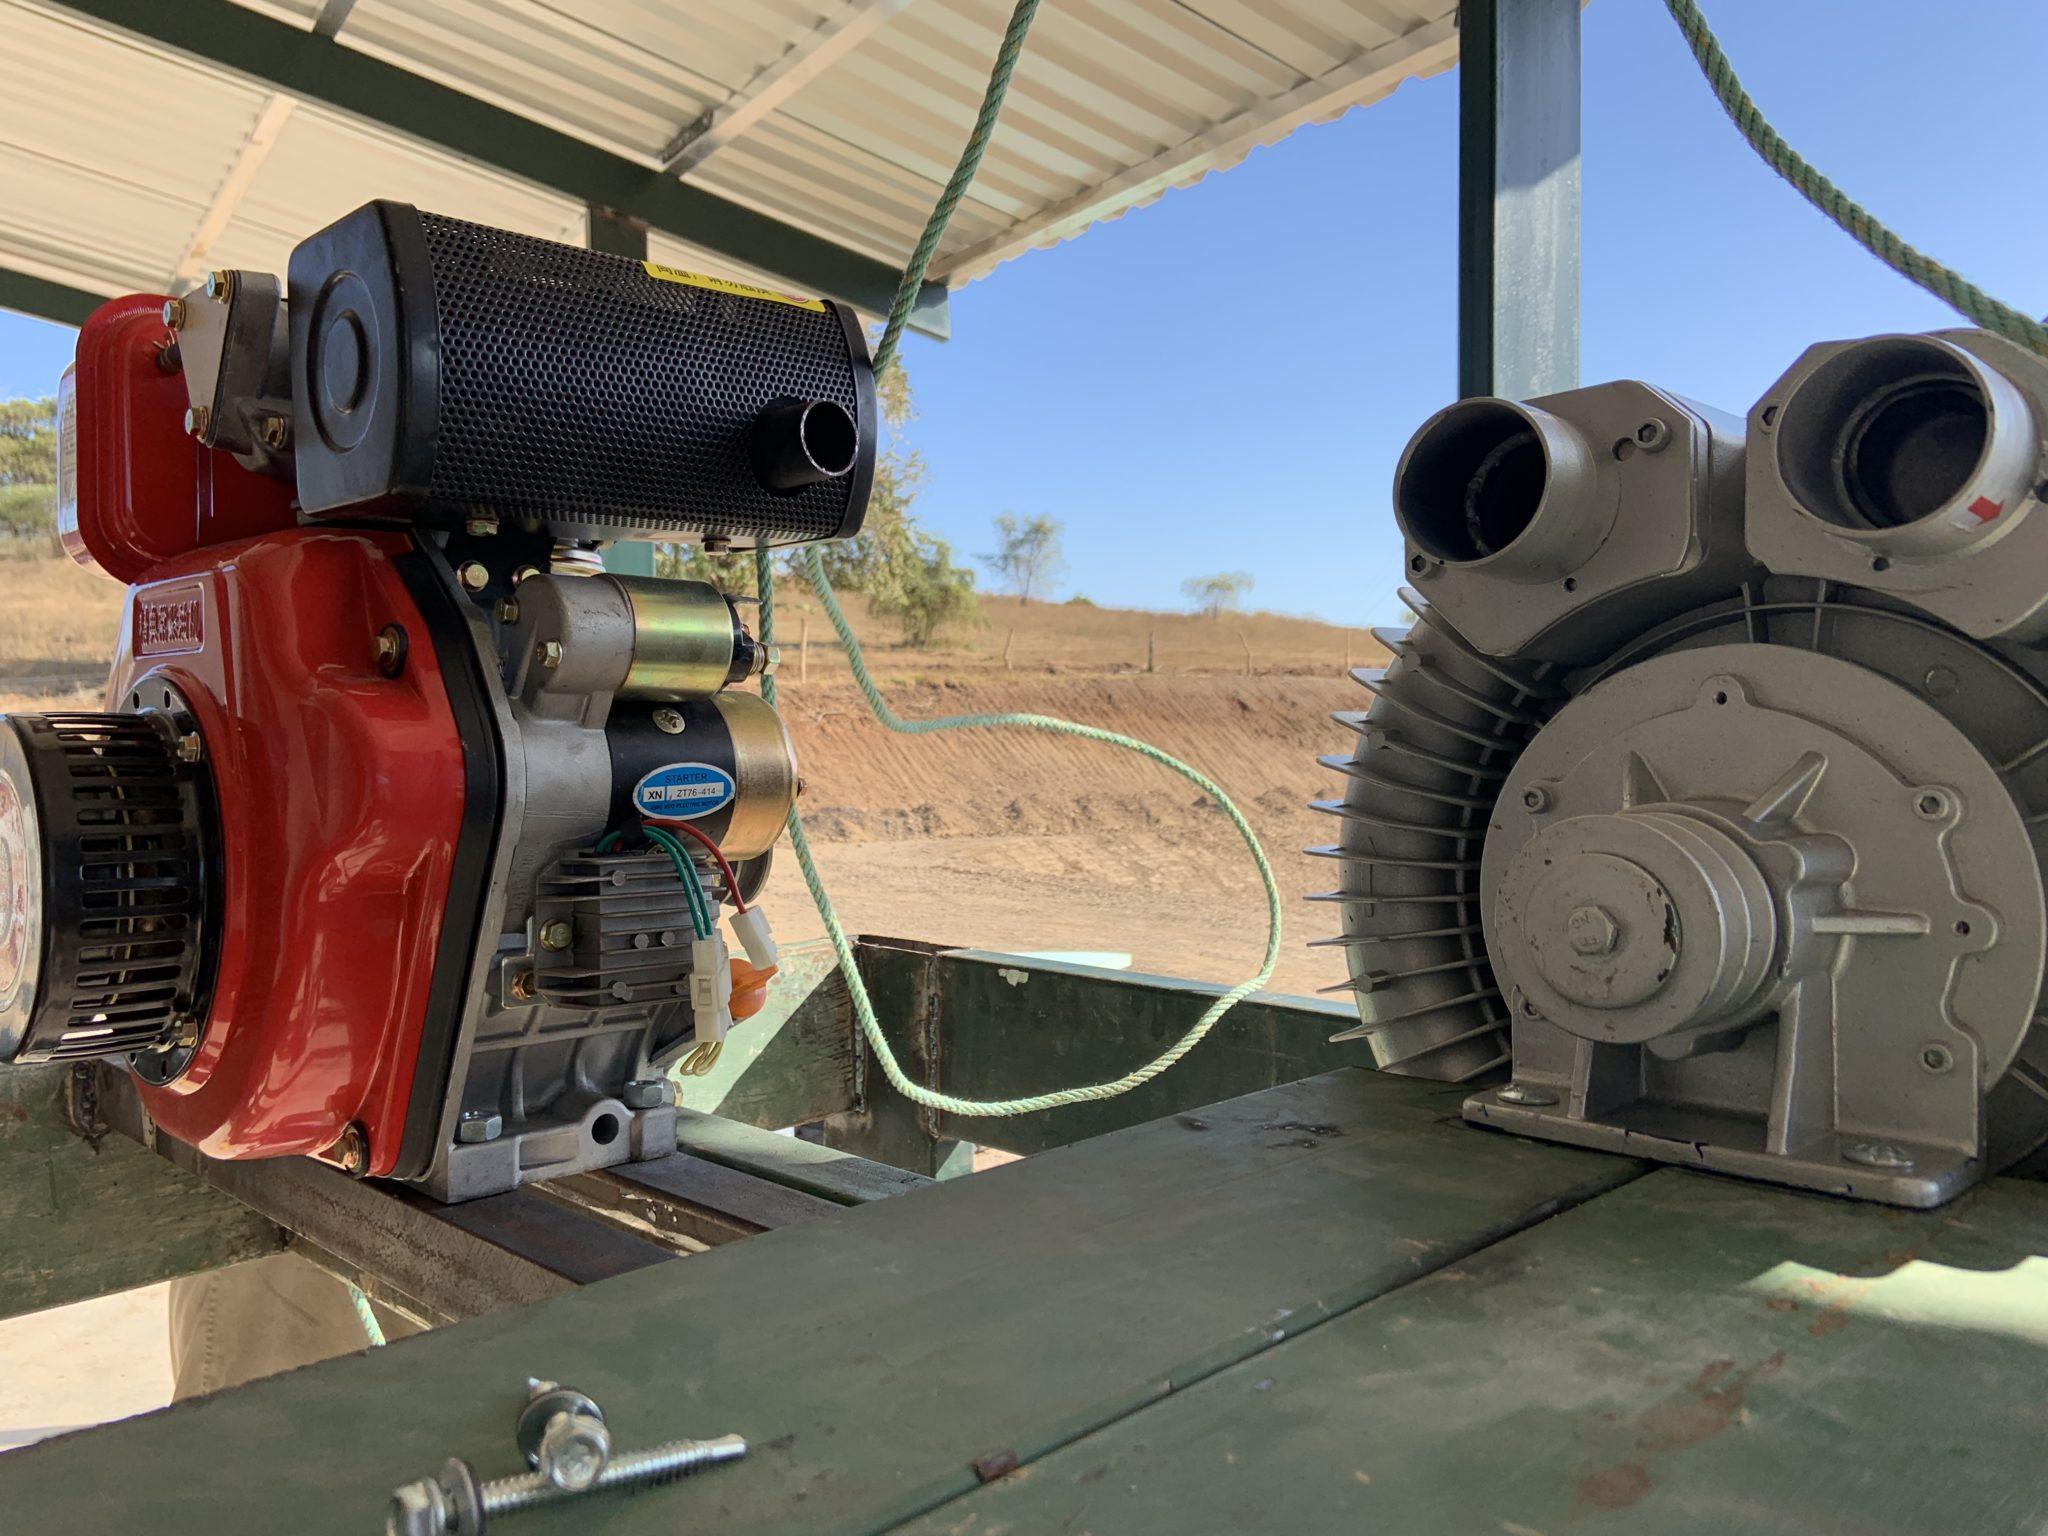 Aireador soplador y difusor para acuicultura simbiótica